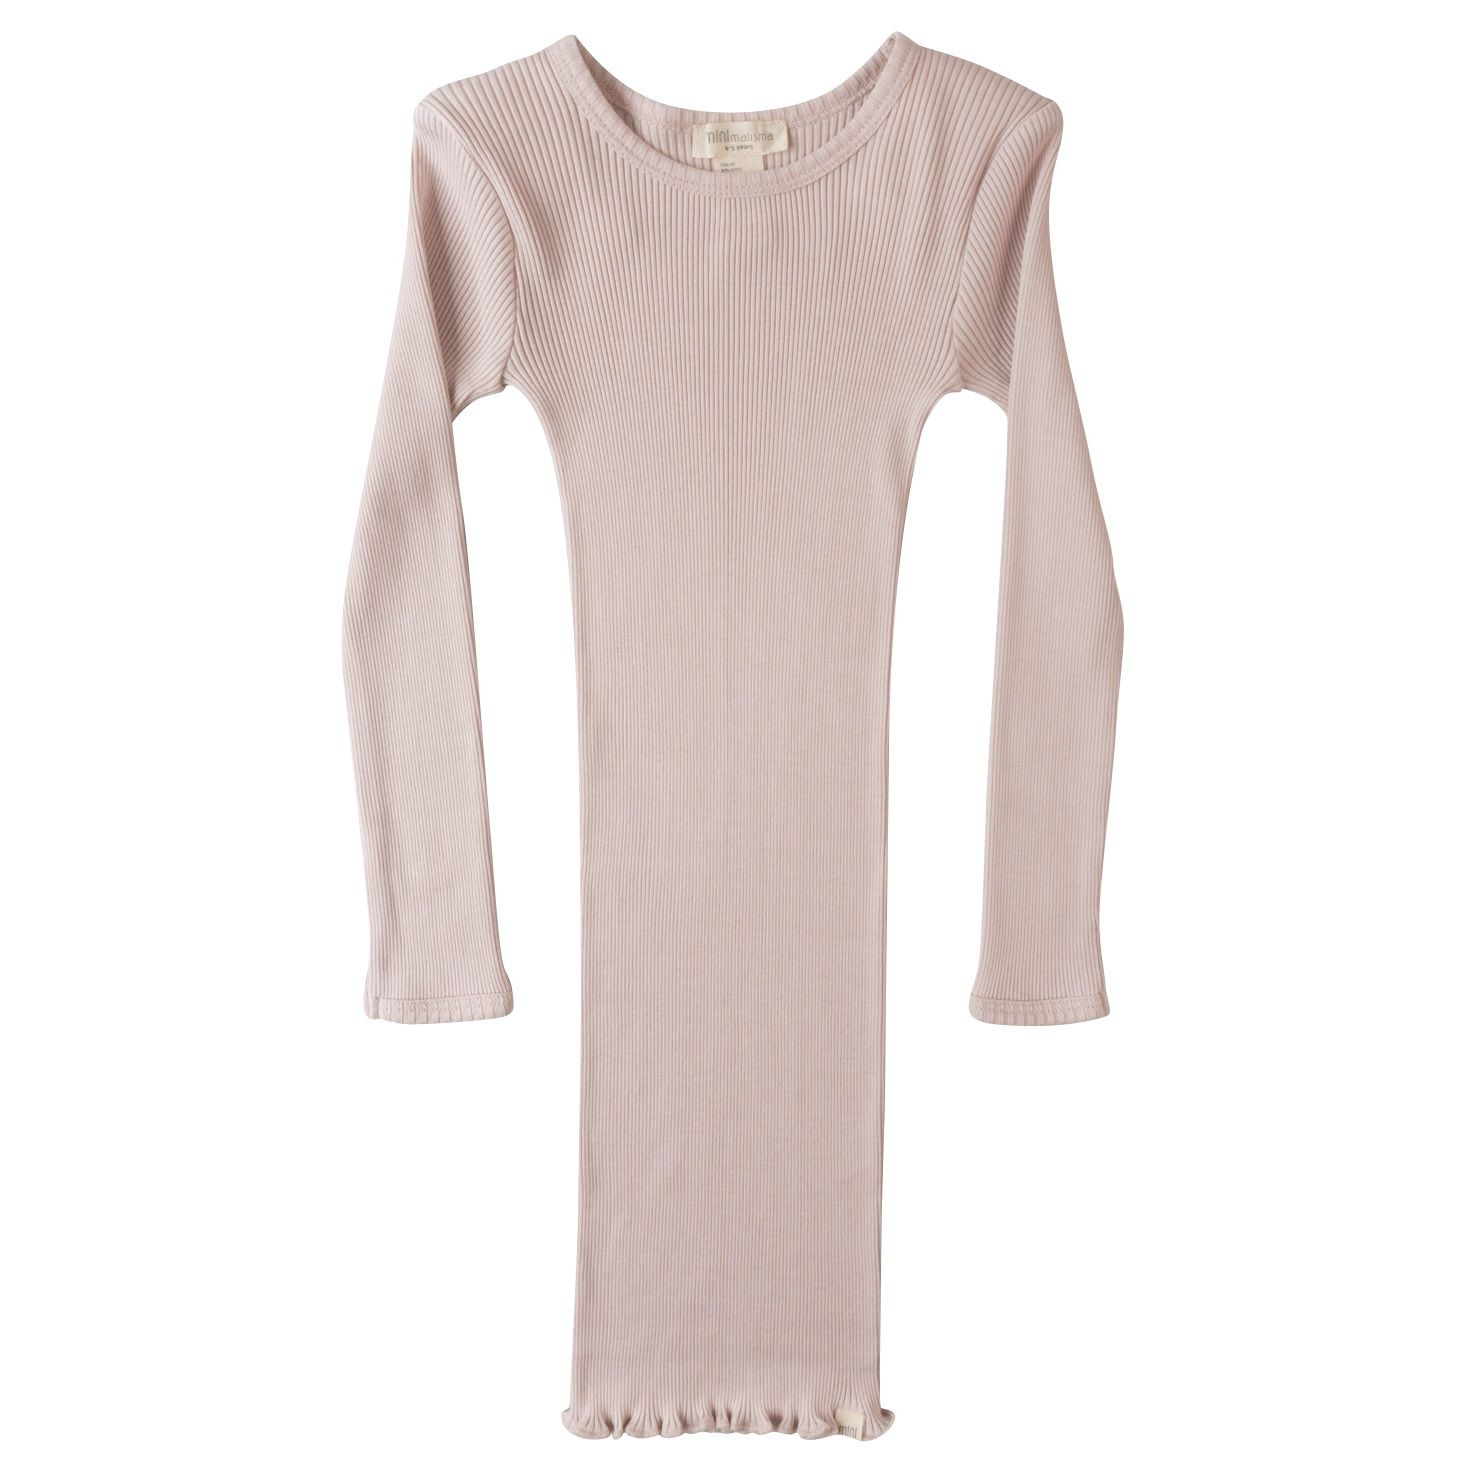 a65a84faed6b Lækker natkjole fra Minimalisma. Kjolen er i den blødeste ribkvalitet af  70% silke og